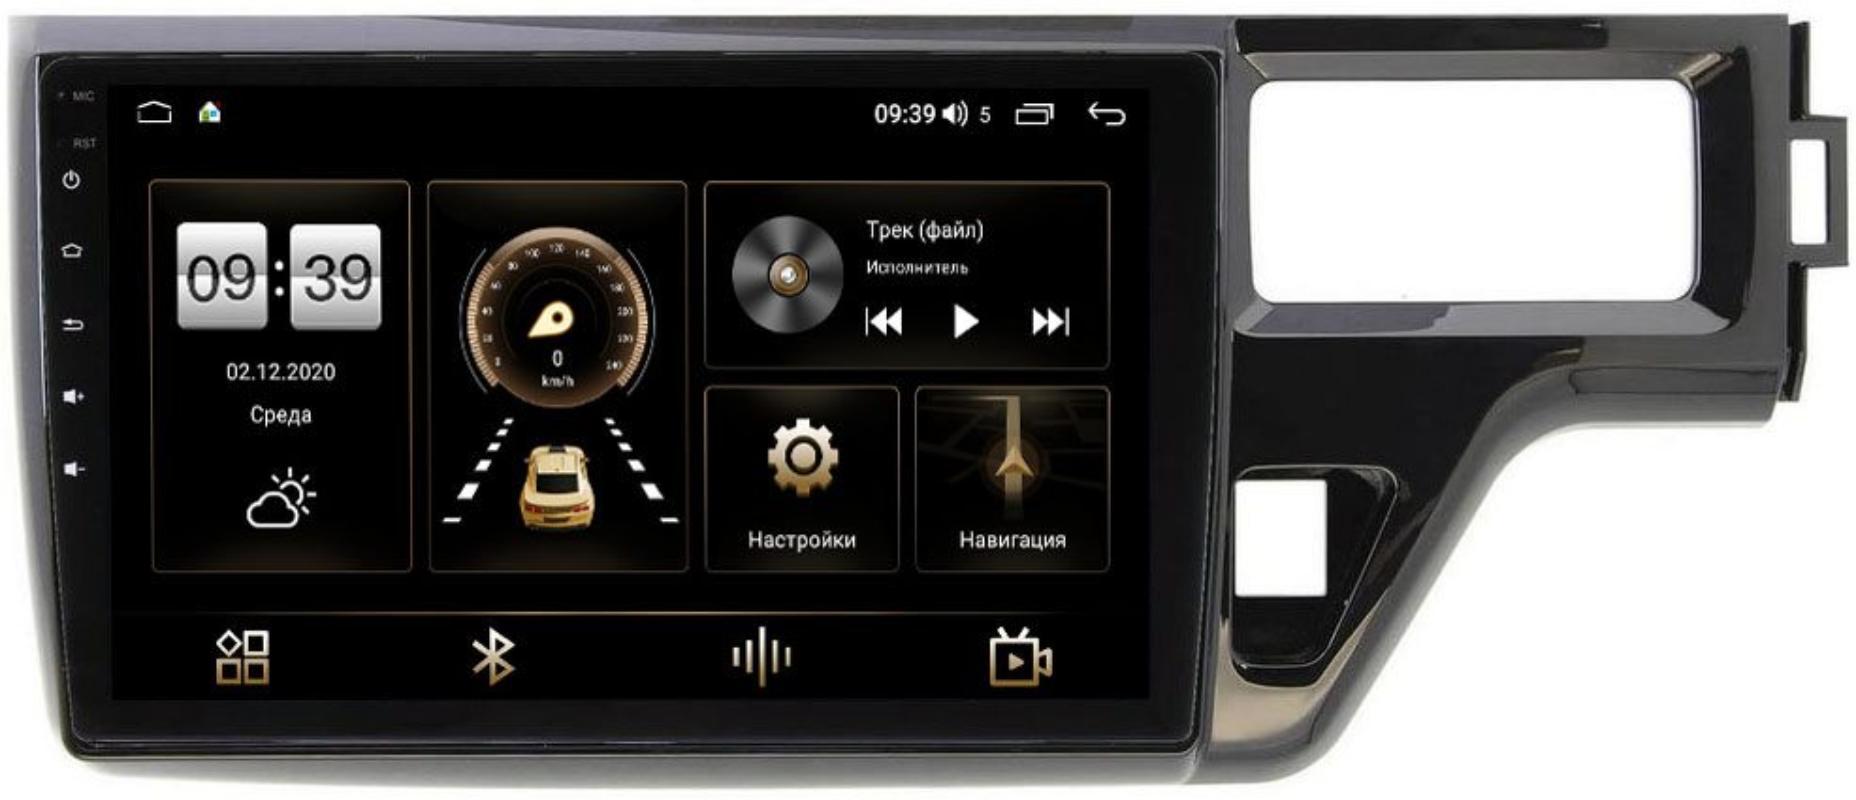 Штатная магнитола LeTrun 3799-1099 для Honda Stepwgn V 2015-2021 на Android 10 (4/64, DSP, QLed) (+ Камера заднего вида в подарок!)